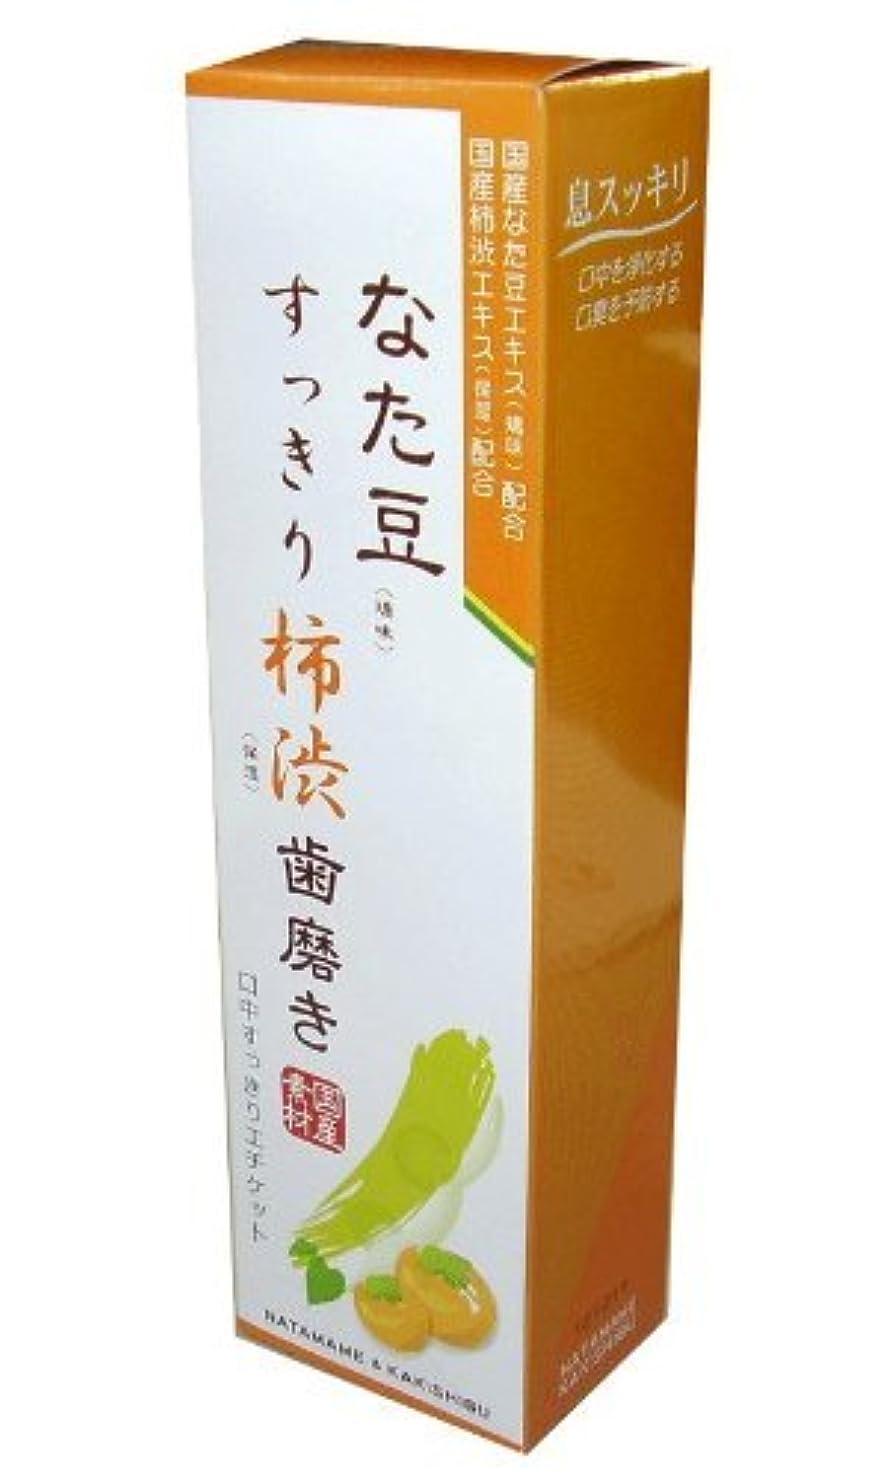 迷彩ジャンル満足できる★3本セット★ なた豆すっきり柿渋歯磨き粉 120gx3